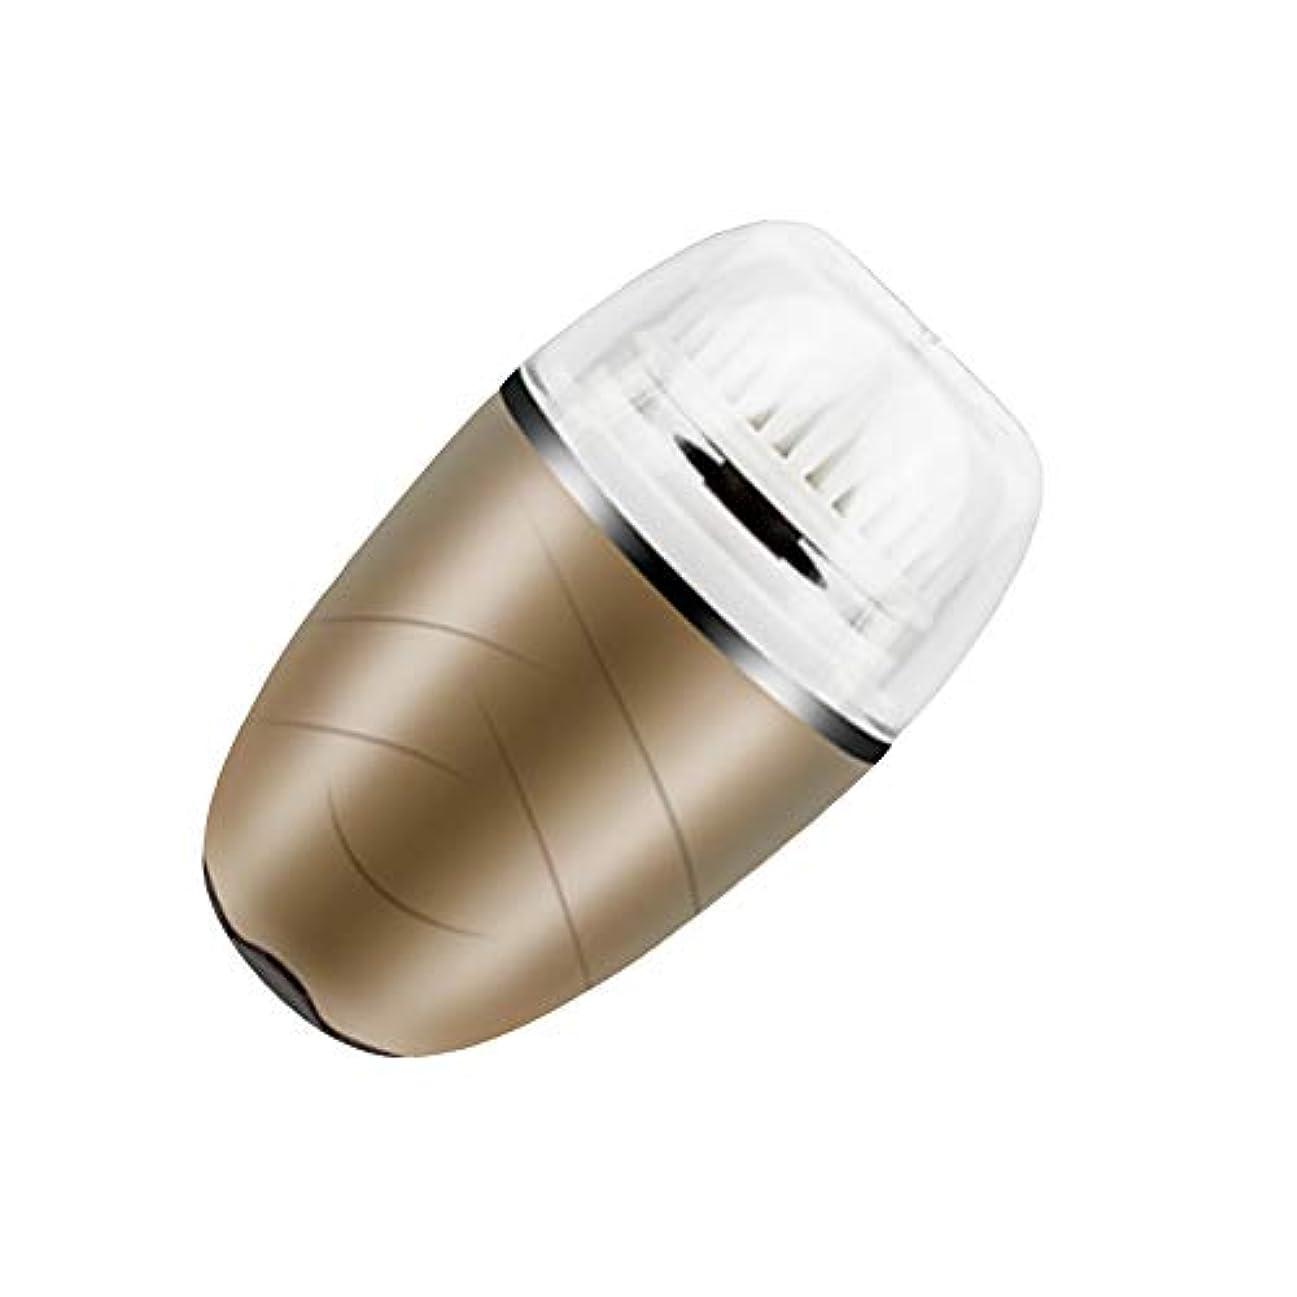 たらい多様性とんでもない洗顔ブラシ、電動ソニックフェイスブラシ振動顔クレンジングシステム防水ブラシにきびエクスフォリエーター USB 充電式,Gold